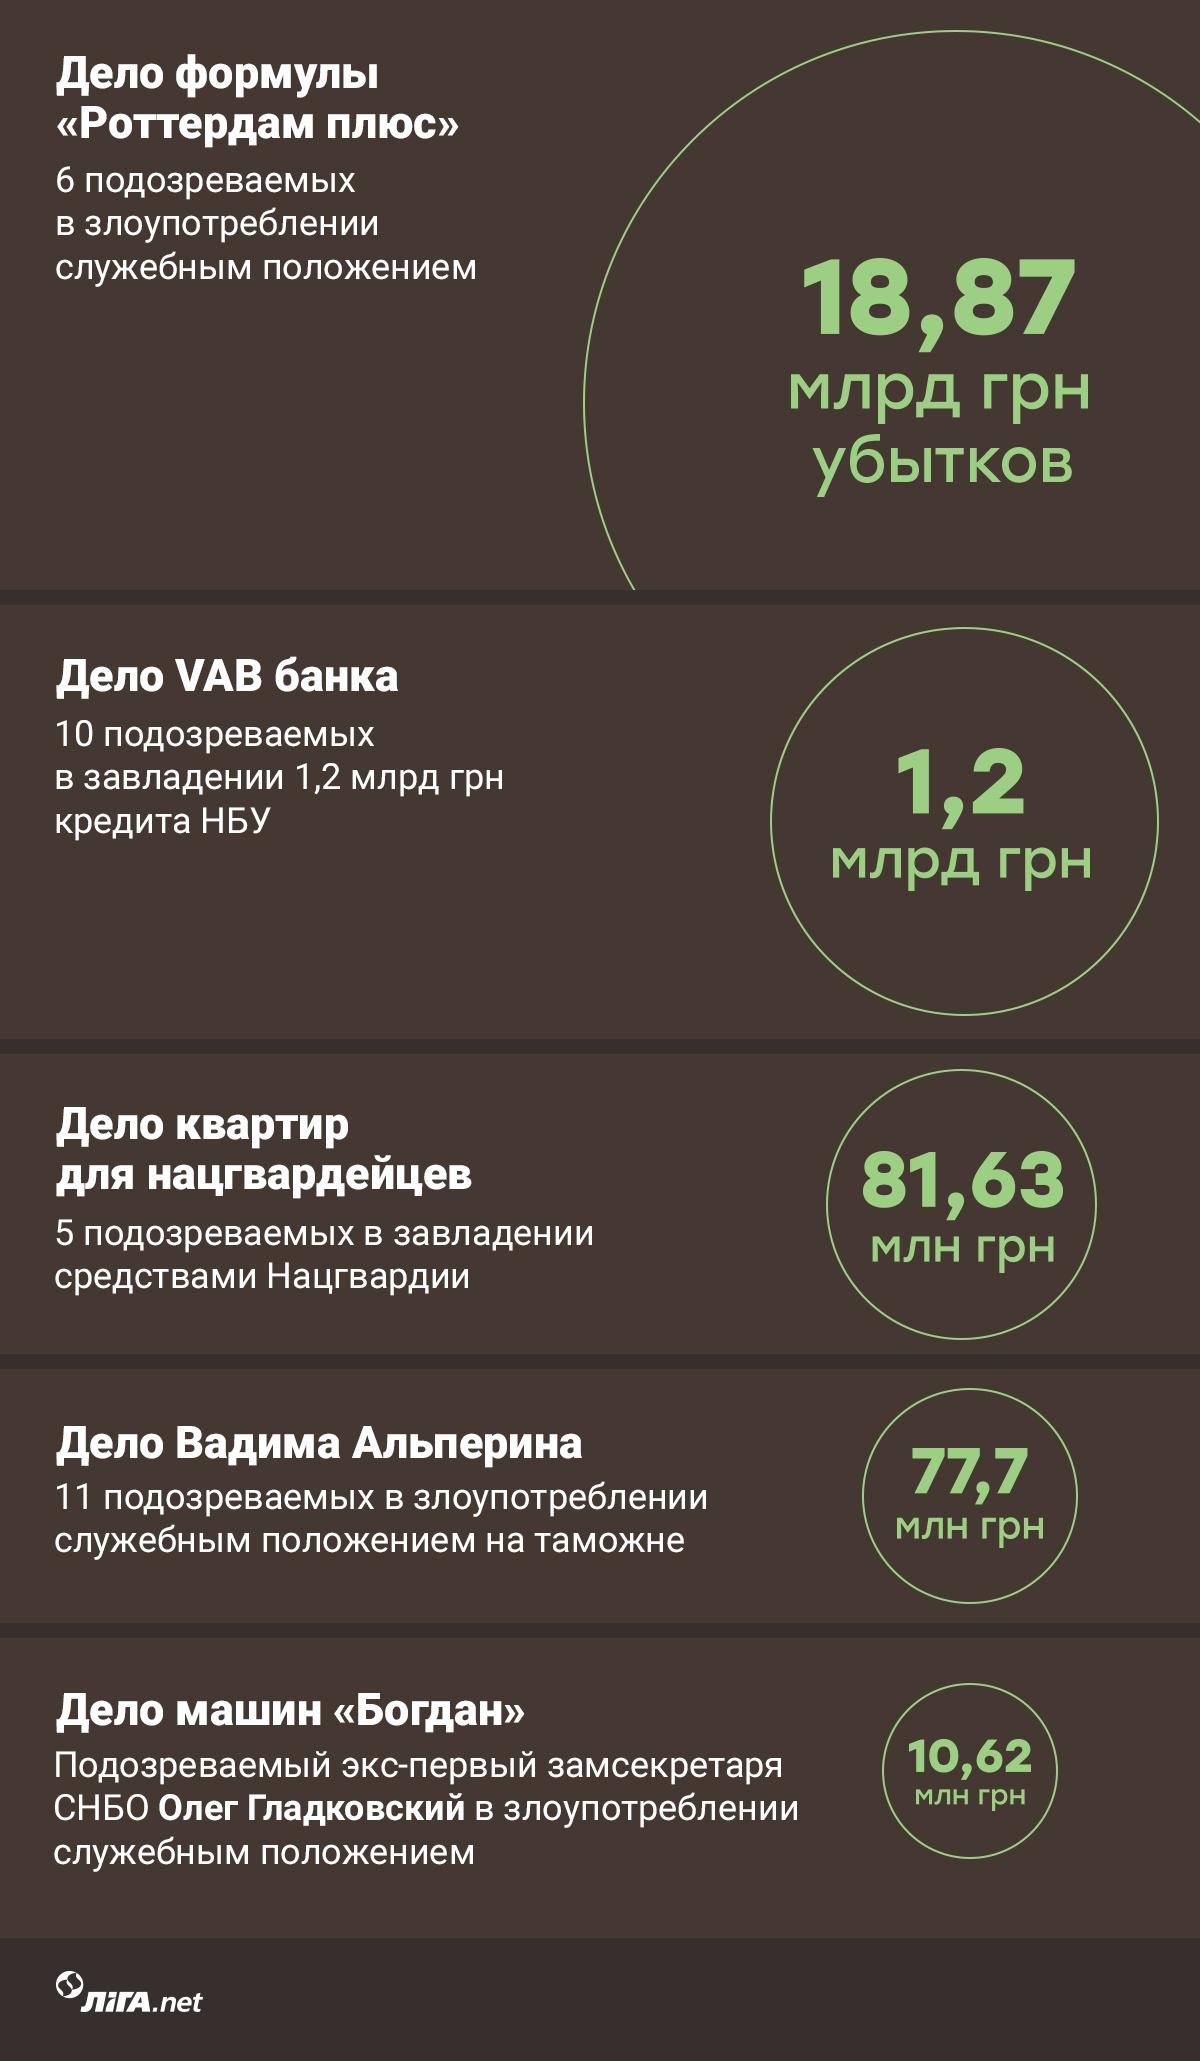 Топ-5 громких коррупционных дел, которые многое расскажут о власти Зеленского в 2020-ом